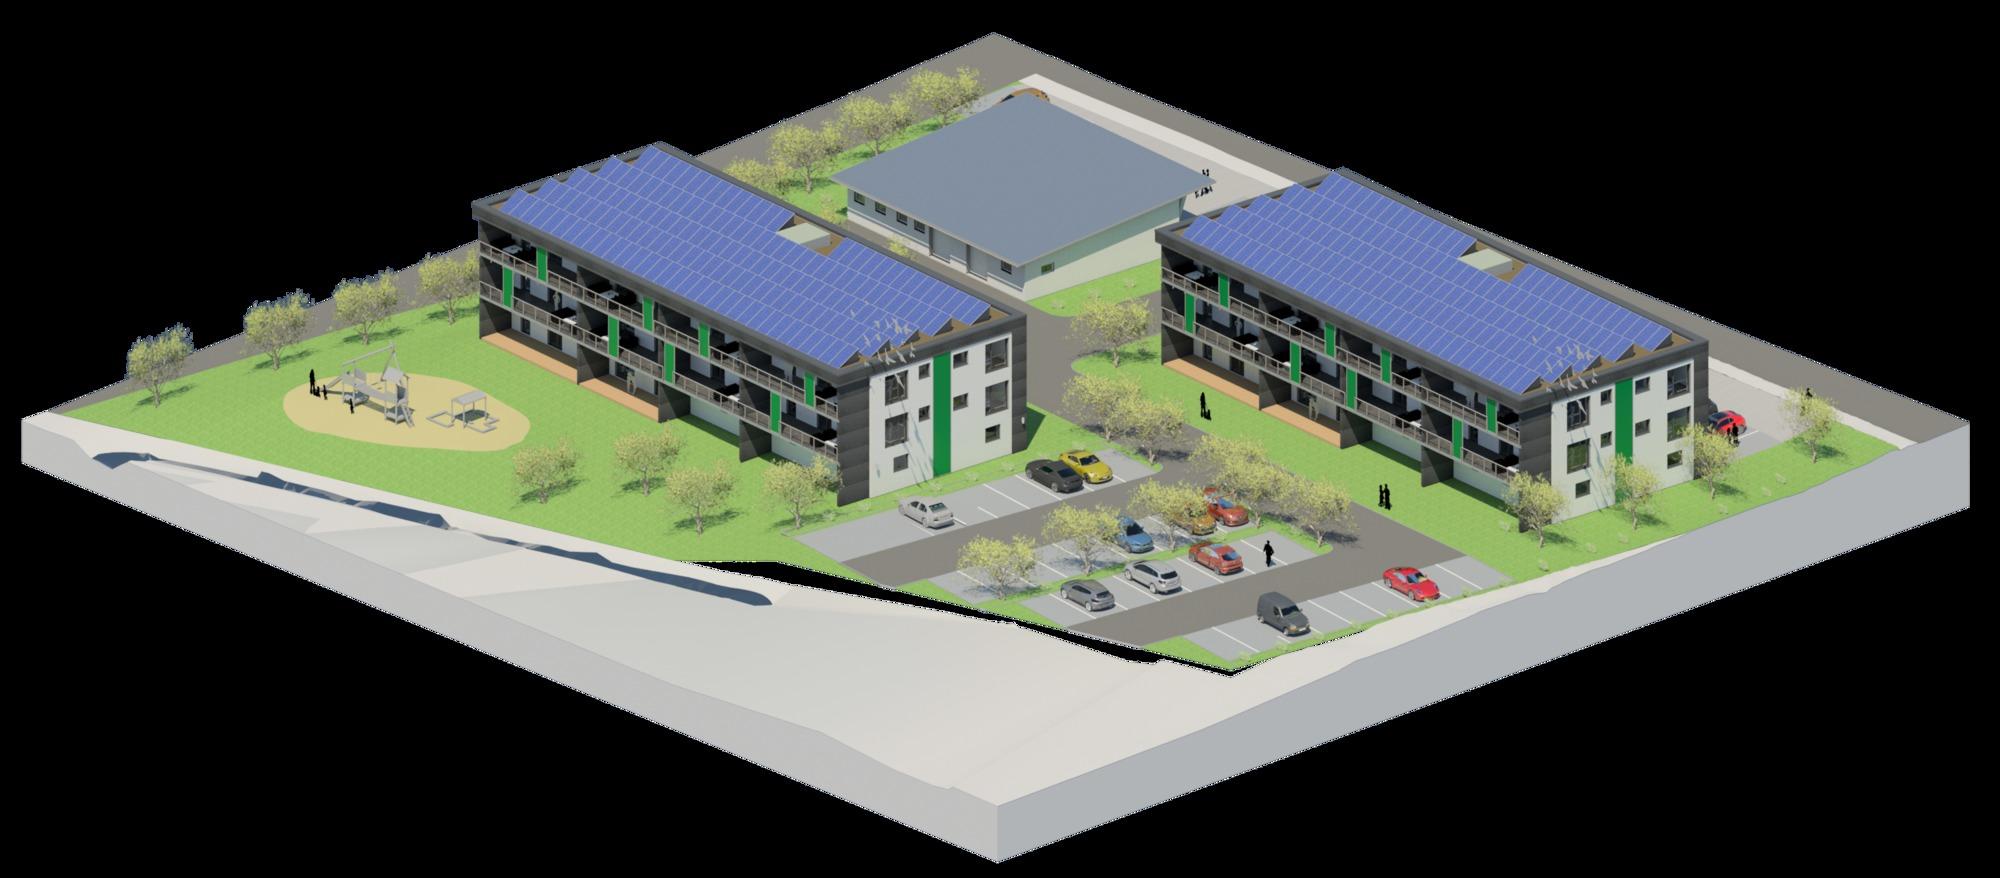 Raas-rendering20140918-14233-1jfd7sq